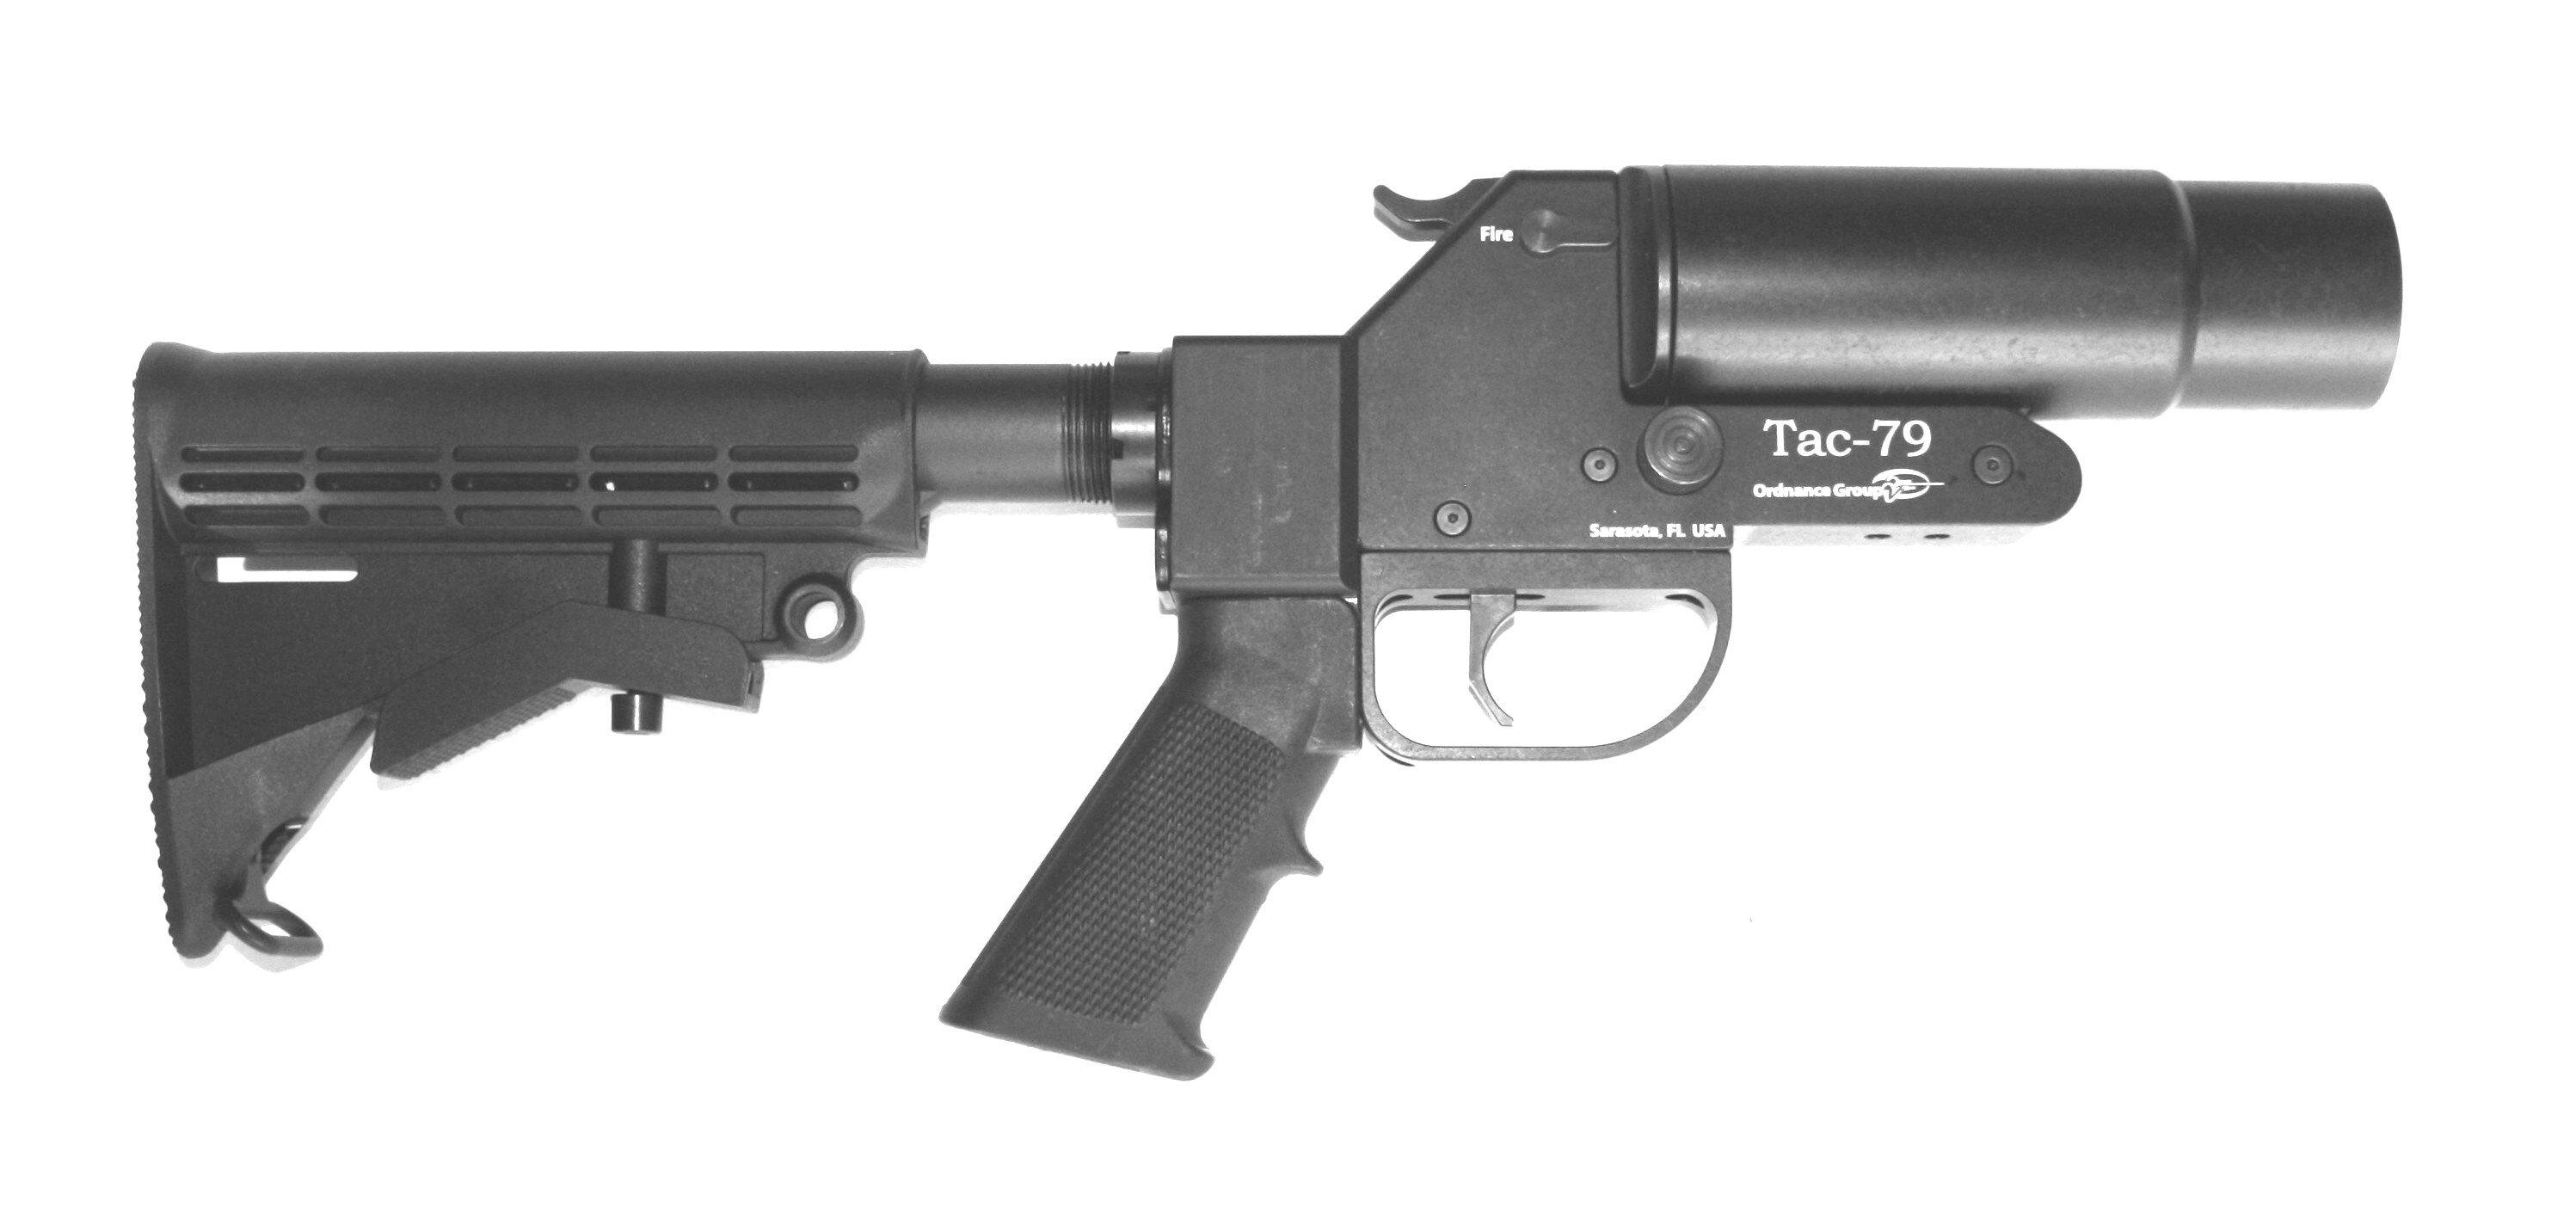 Tac-79 37mm Top Break Launcher